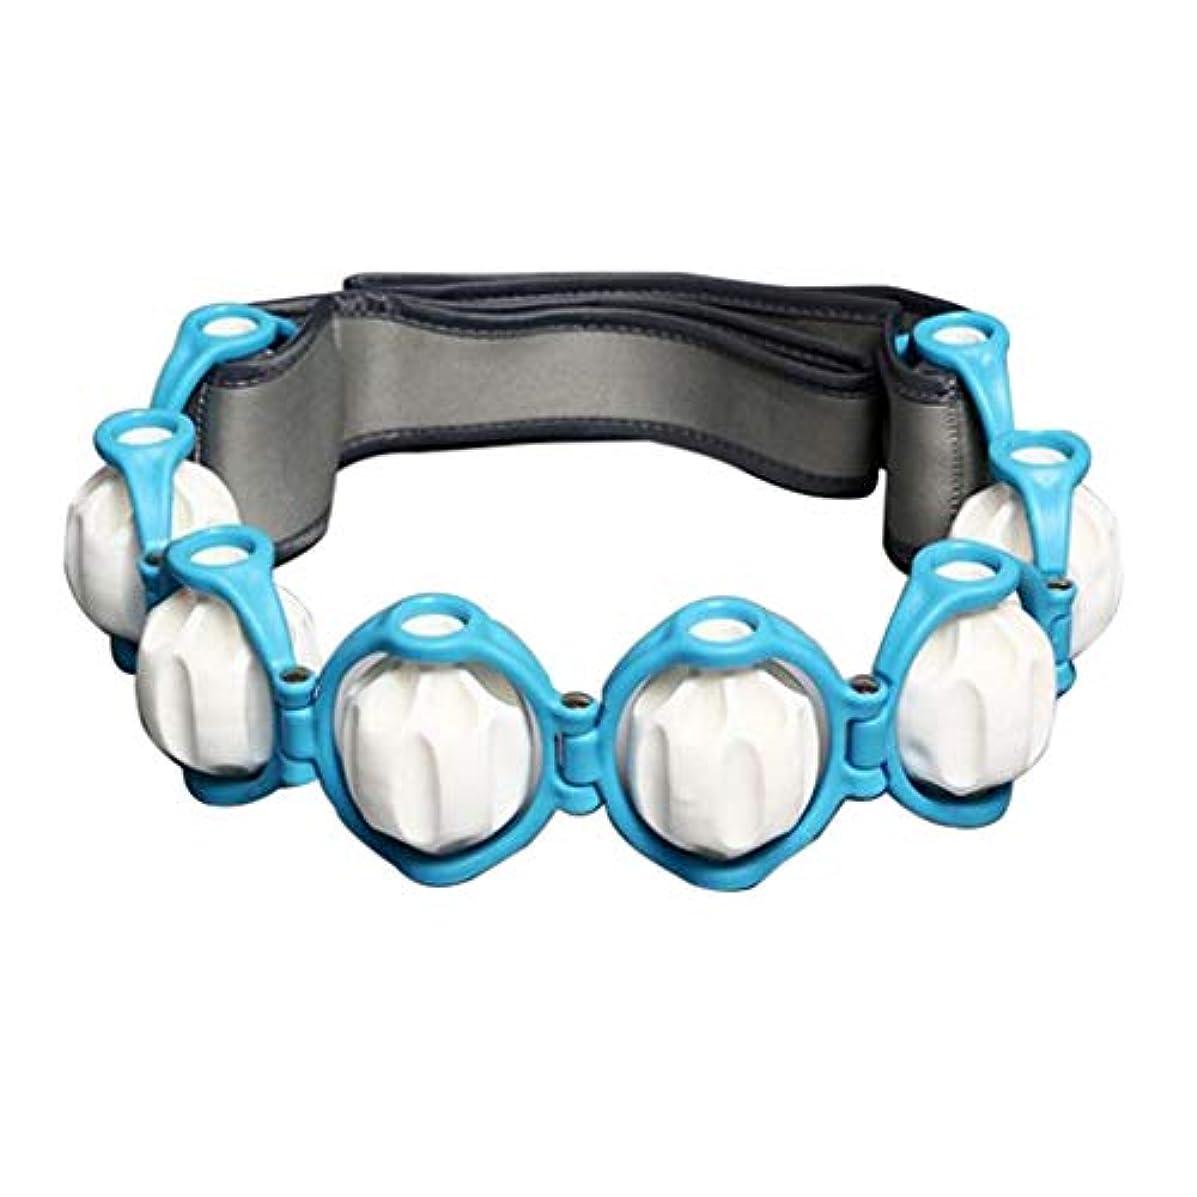 レイアギャラントリー先駆者フルボディ - 多機能 - 痛みを軽減するためのハンドヘルドマッサージローラーロープ - 青, 説明したように